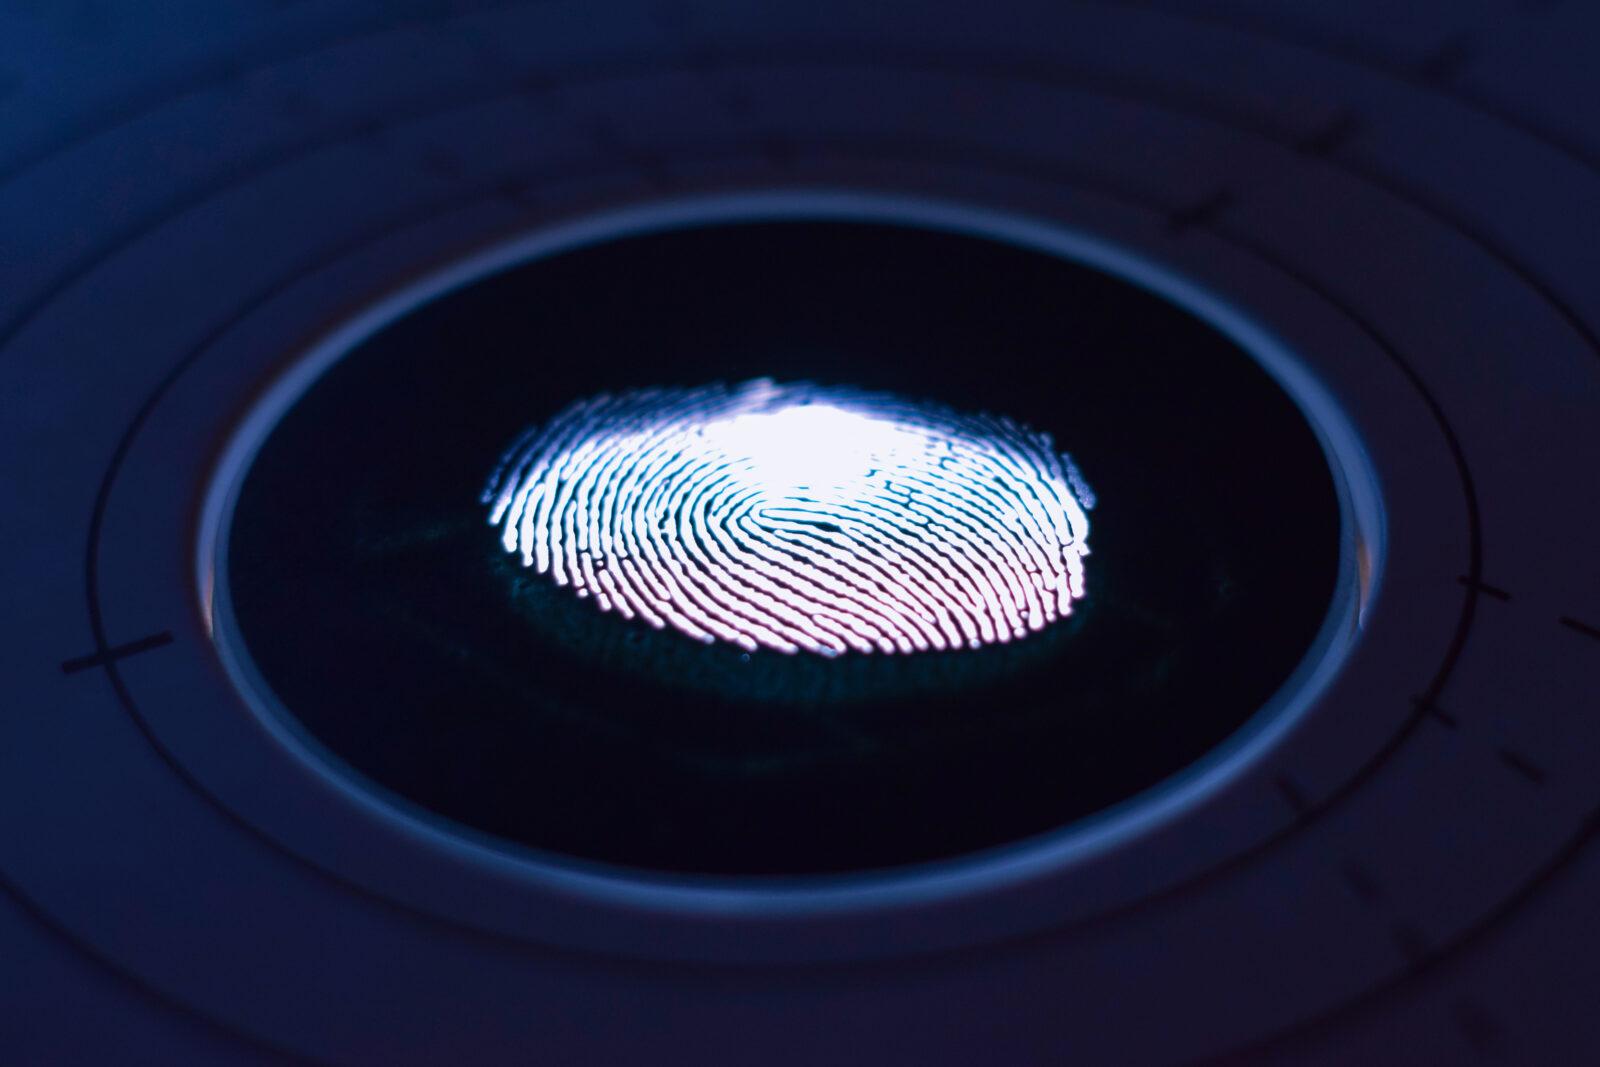 Ny afgørelse om brug af medarbejderes fingeraftryk ved adgangskontrol